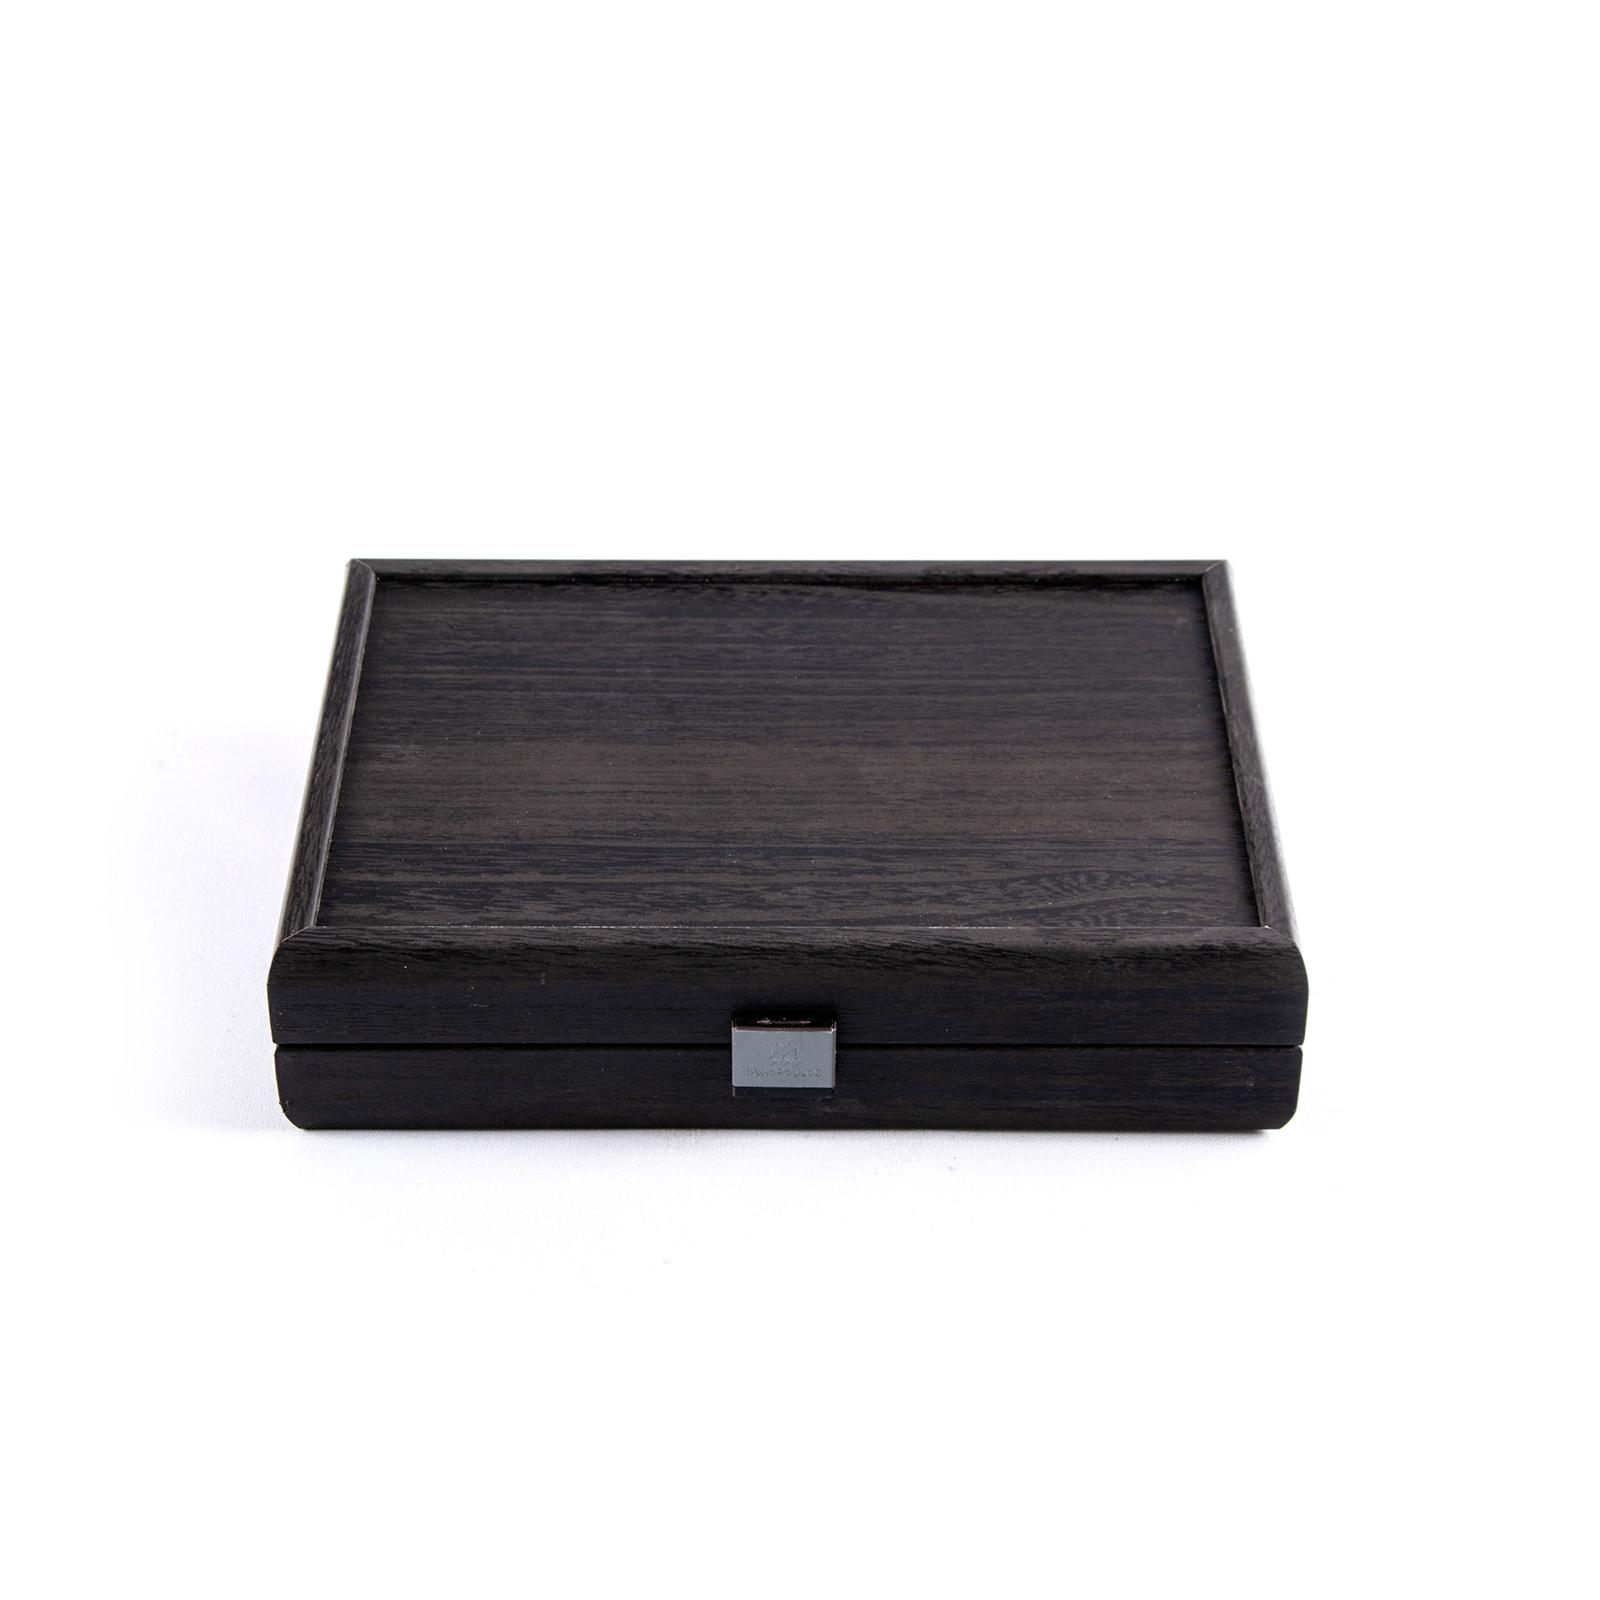 Spielkartenset in schwarzer Holzbox, ausgelegt mit feinem Velour